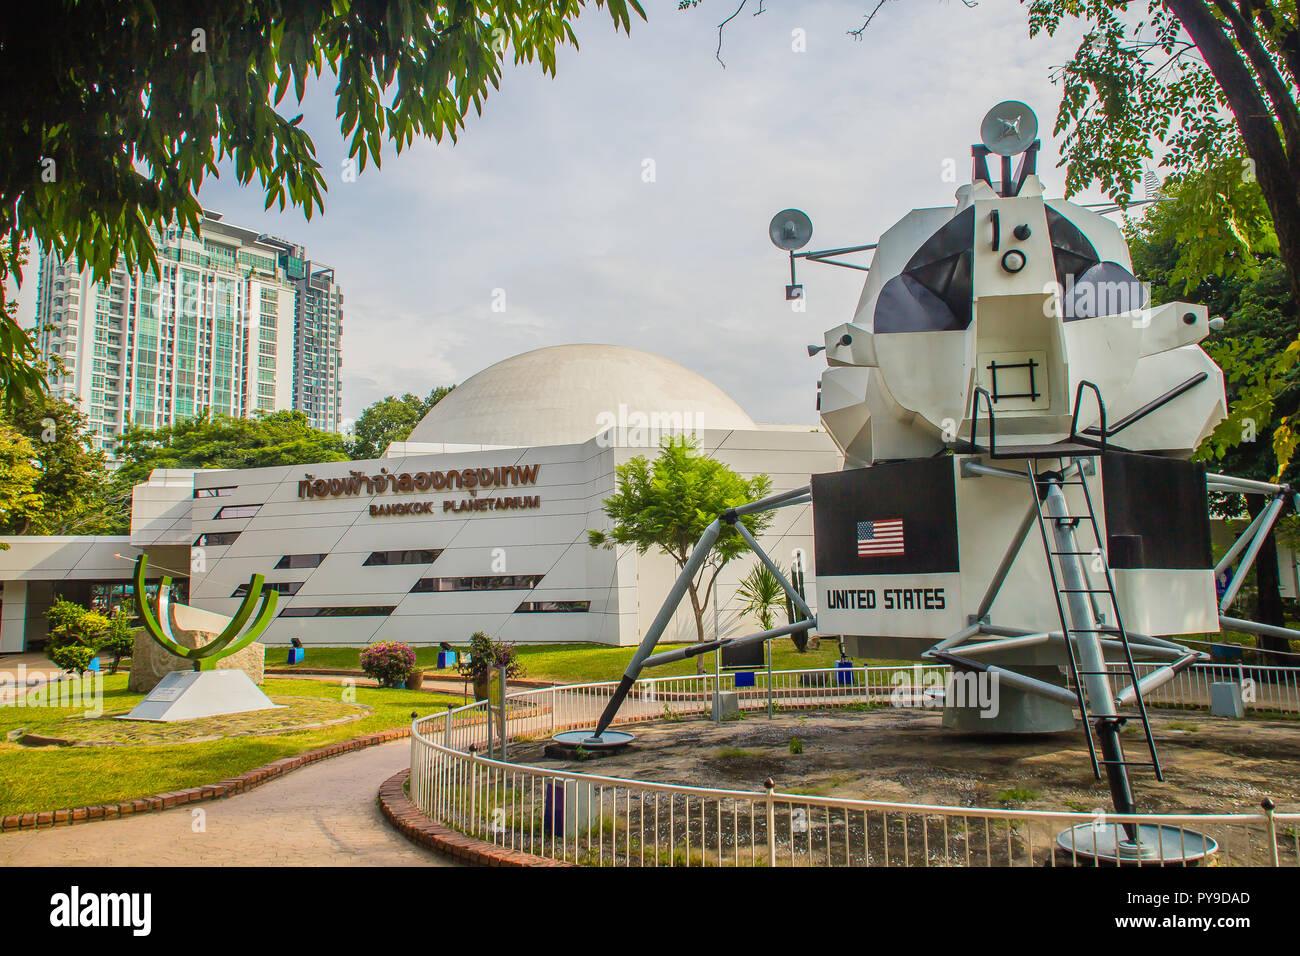 Bangkok, Thailand - November 4, 2017: Model of The Apollo Lunar Module, the lander portion of the Apollo spacecraft built for the US Apollo program th - Stock Image